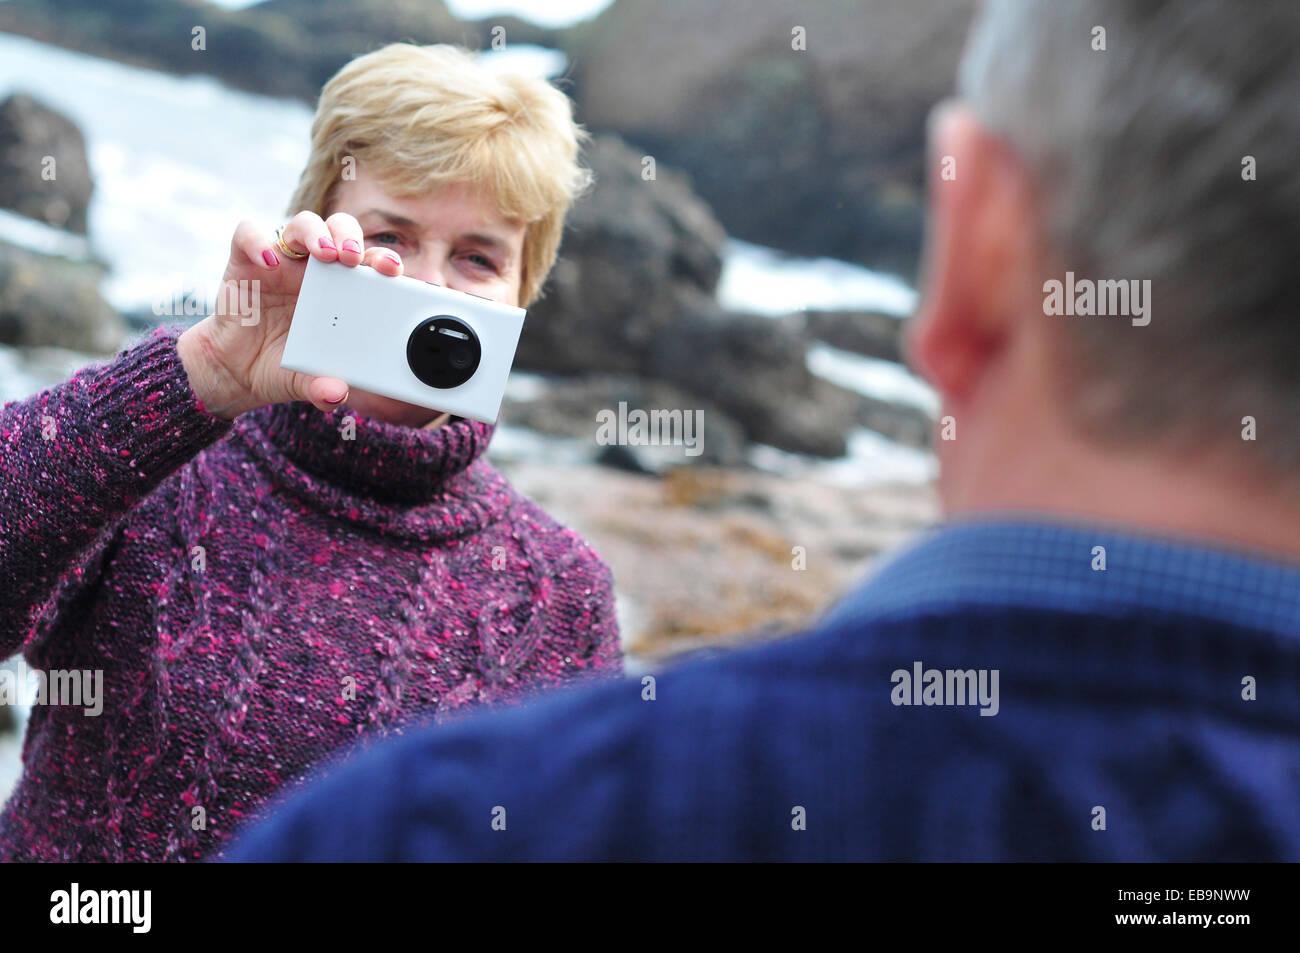 Frau, die Aufnahme des Mannes mit Smartphone Stockbild